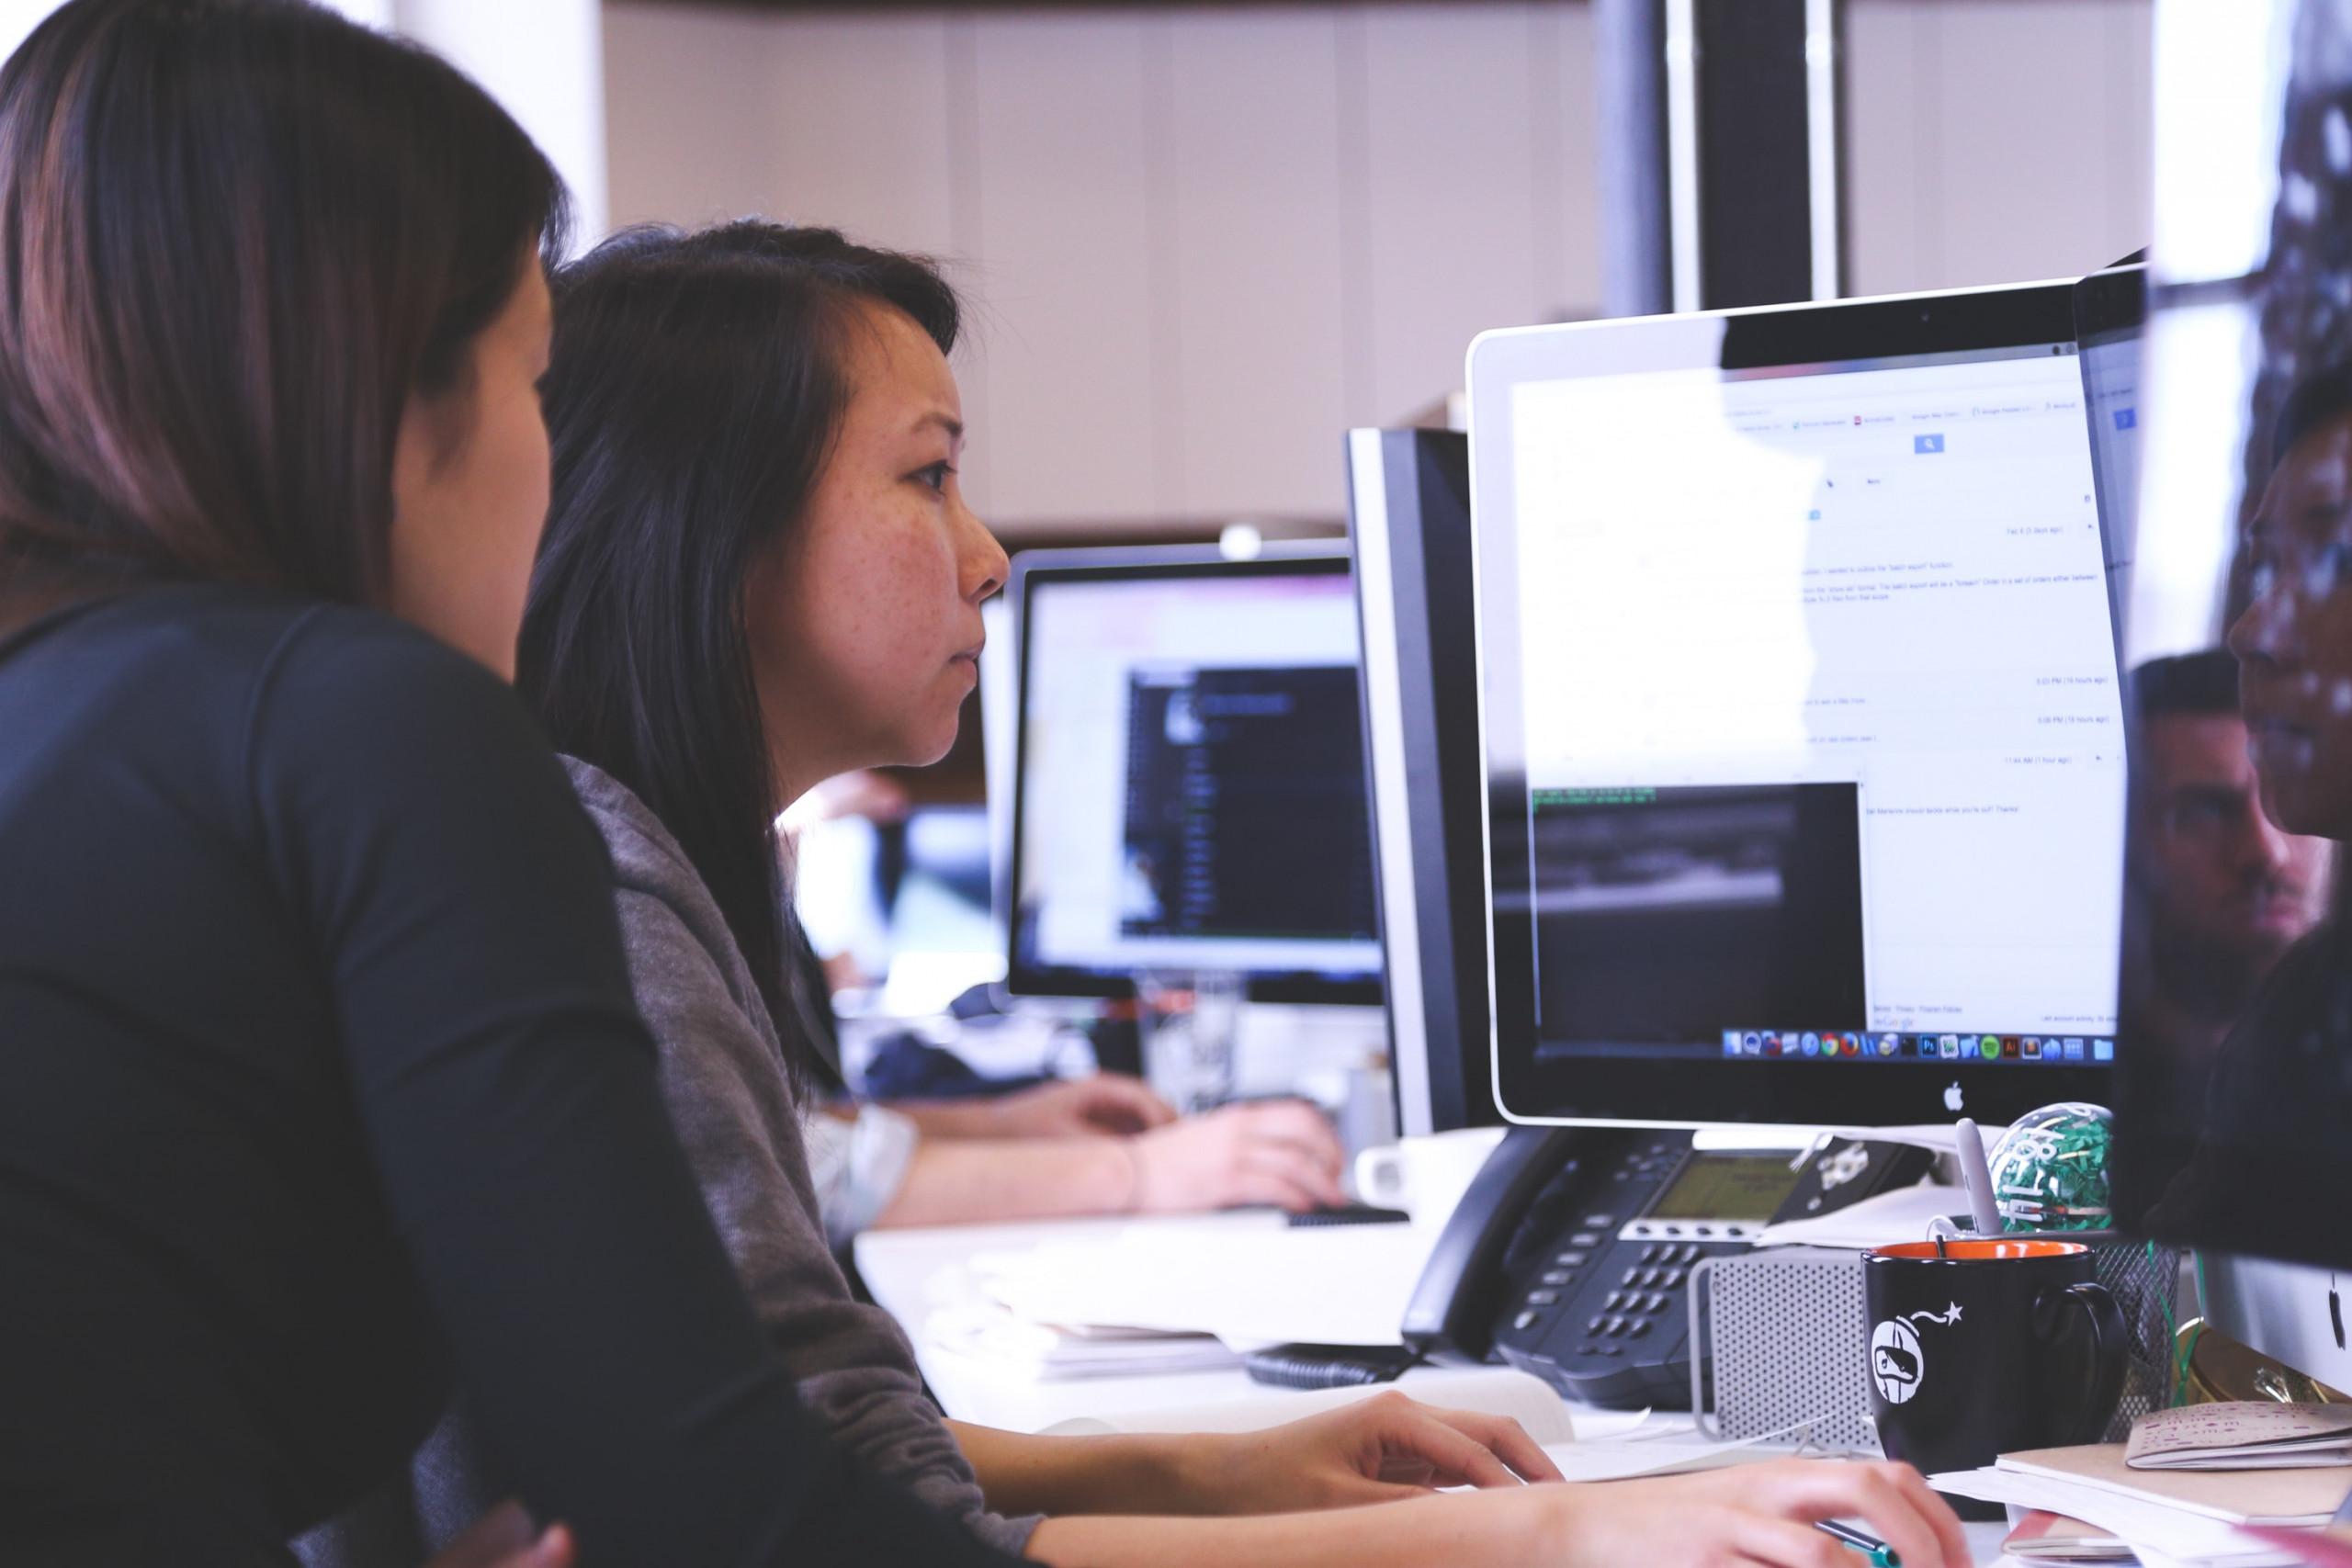 Zwei Personen arbeiten konzentriert am Computer